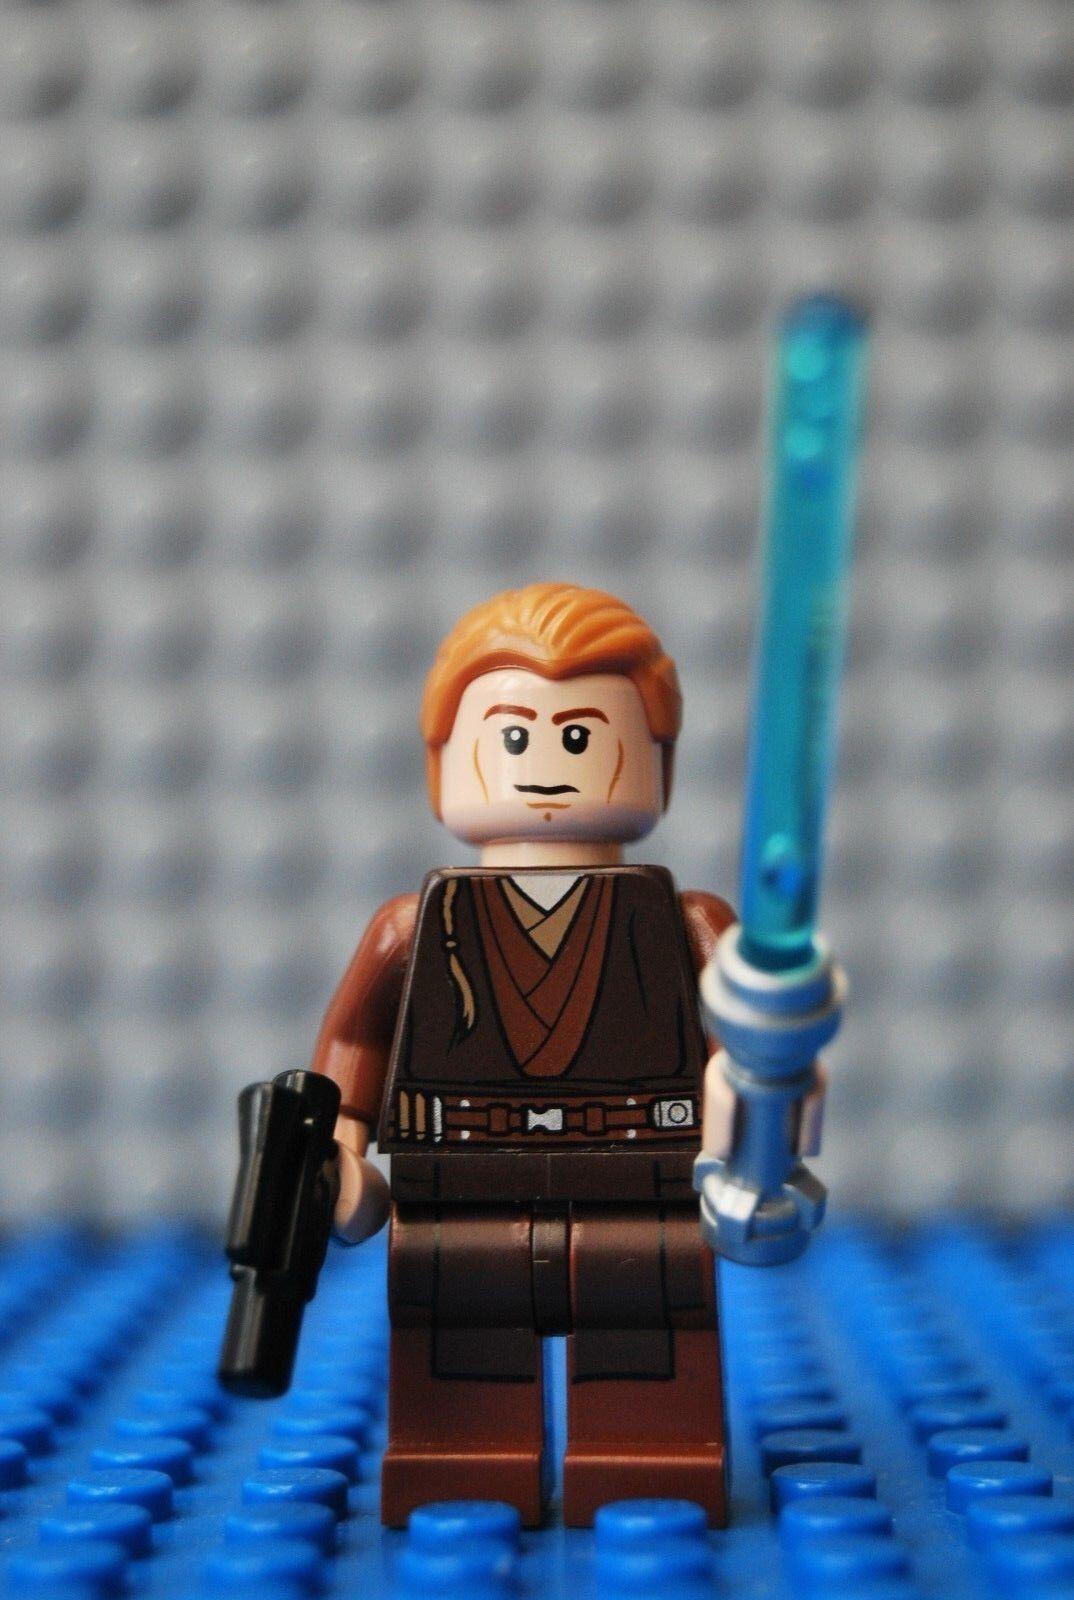 Lego Star Wars Anakin Skywalker Skywalker Skywalker 75087 Mini Figure | Premiers Clients  9b25b0